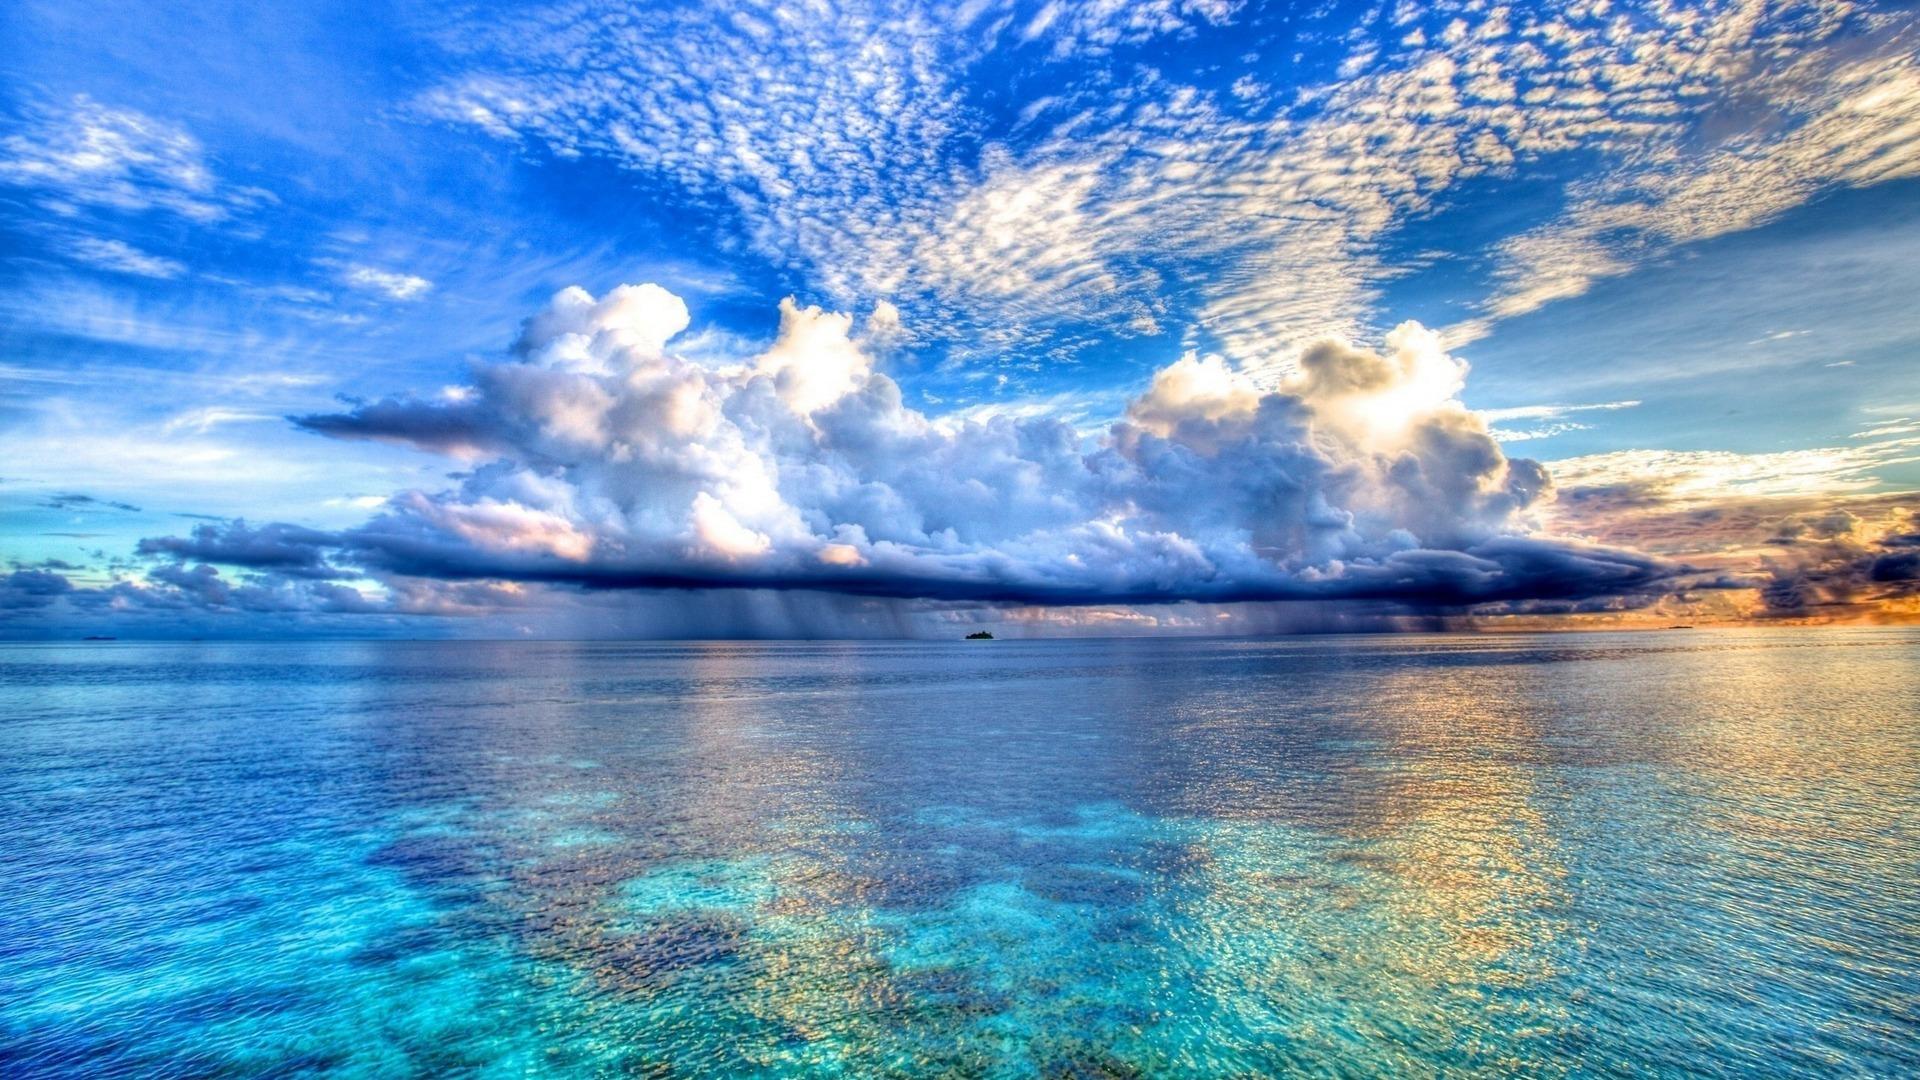 free ocean wallpapers wallpapersafari